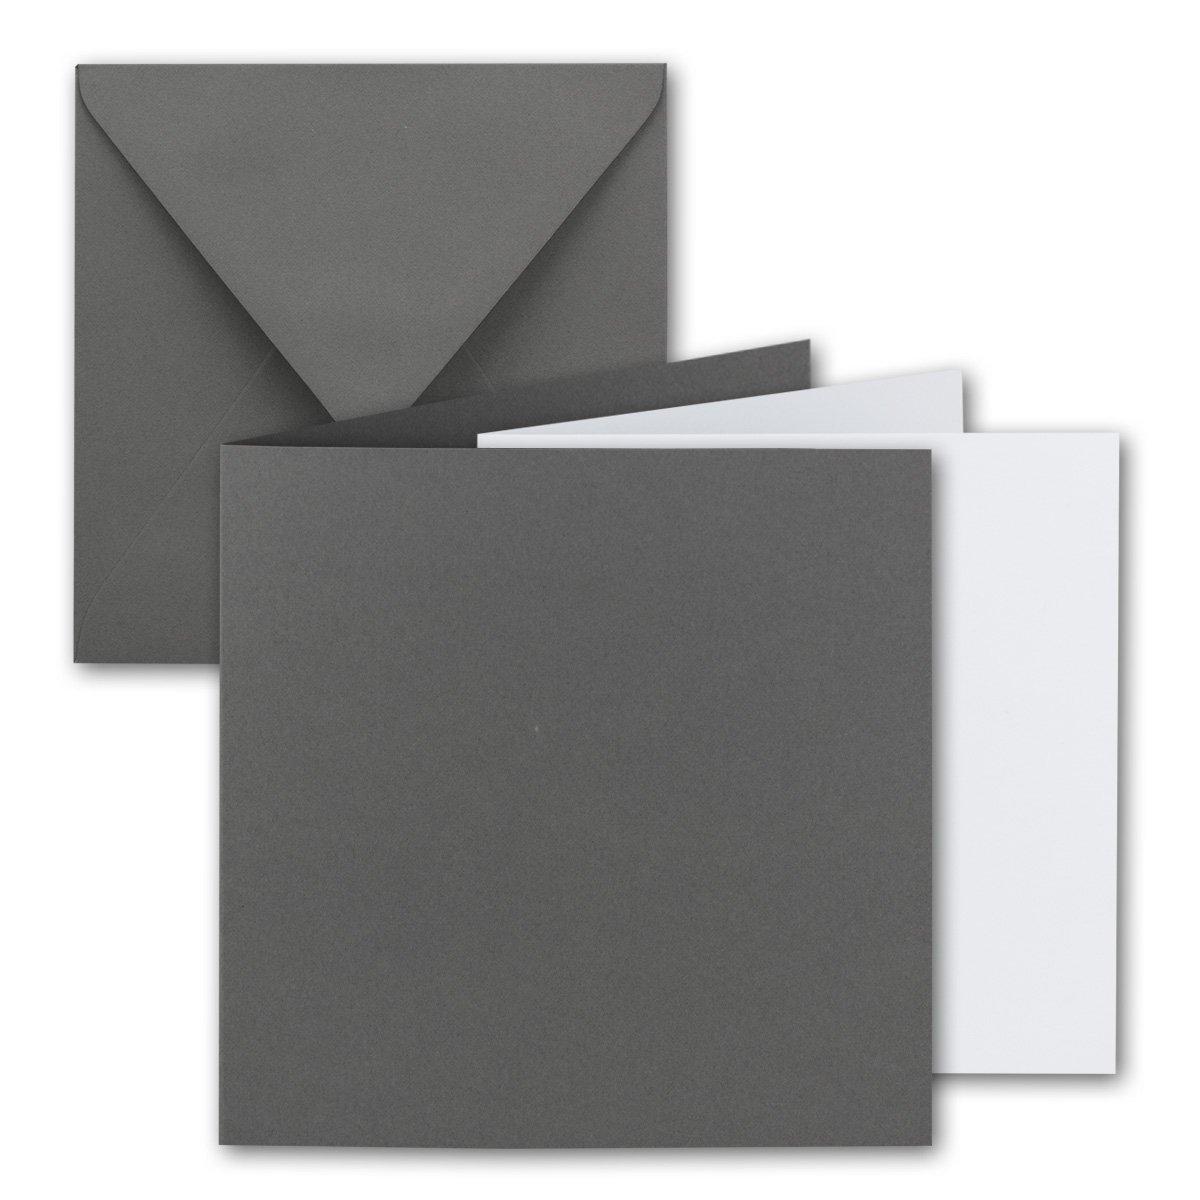 Quadratisches Falt-Karten-Set Falt-Karten-Set Falt-Karten-Set I 15 x 15 cm - mit Brief-Umschlägen & Einlege-Blätter I Royalblau I 75 Stück I KomplettpaketI Qualitätsmarke  FarbenFroh® von GUSTAV NEUSER® B07D4GPDGM | Die Farbe ist sehr auffällig  b95a85